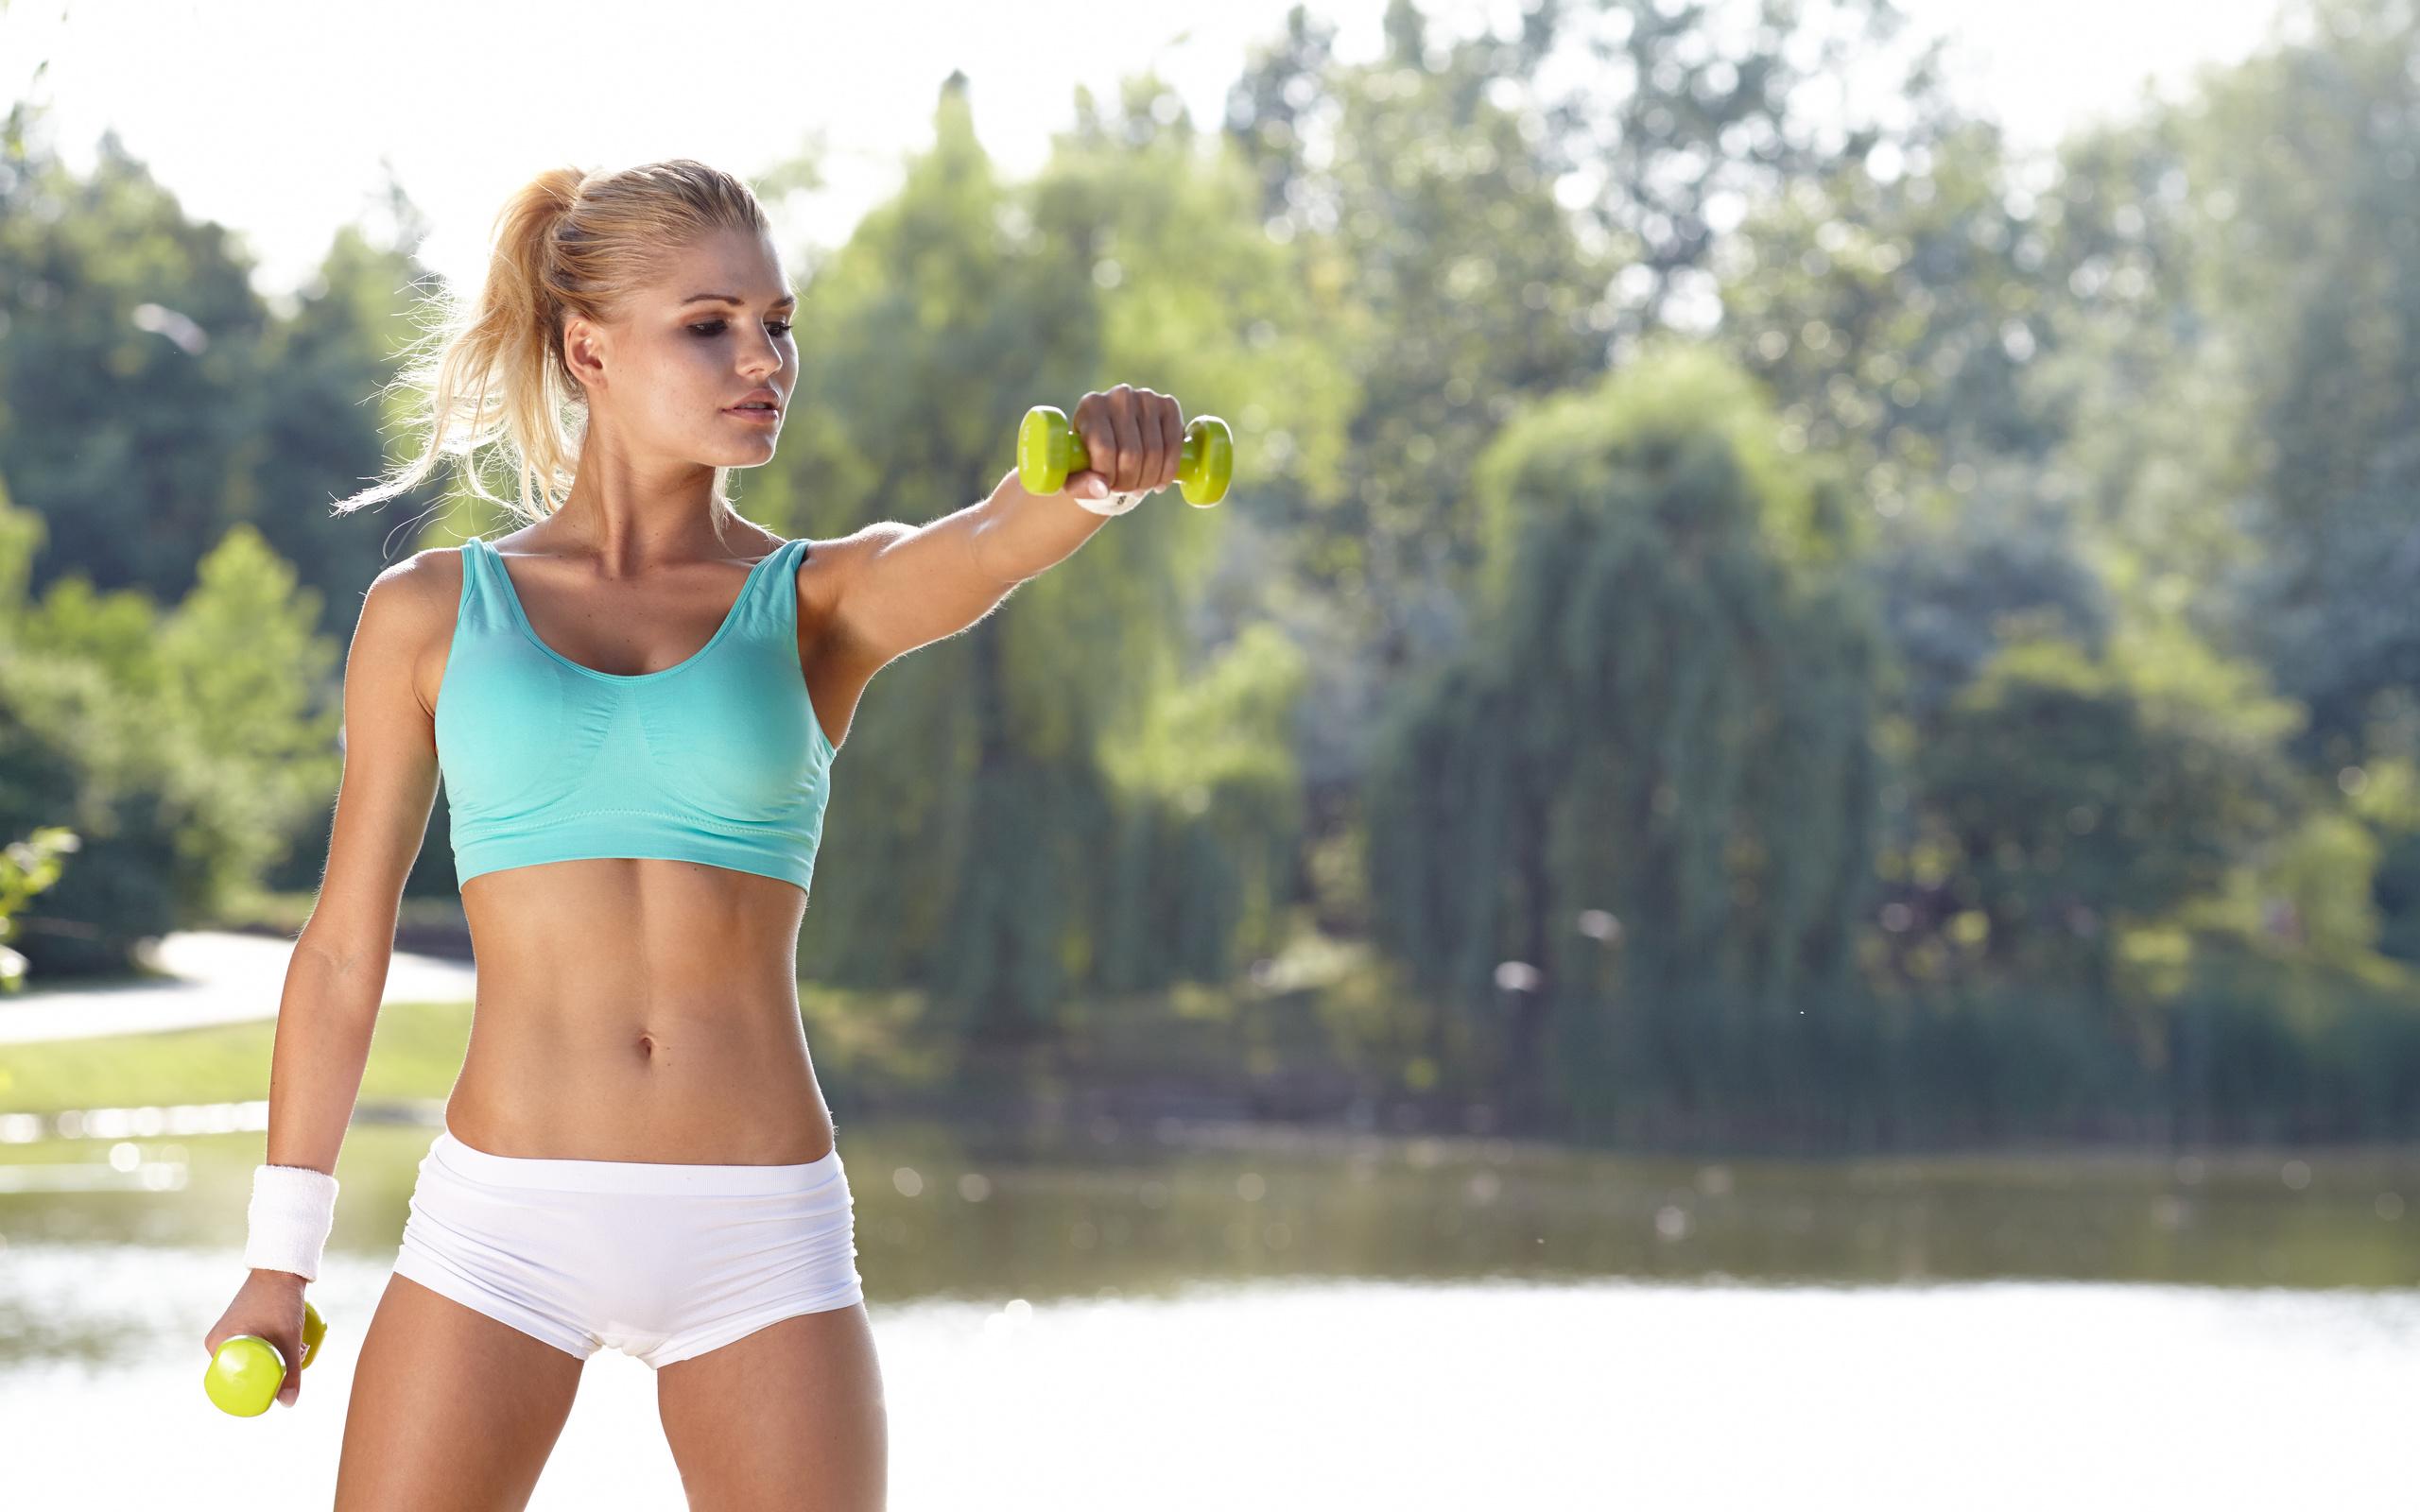 My Fitness Diary #2 - Hogyan építettem be az edzés a mindennapi életembe?